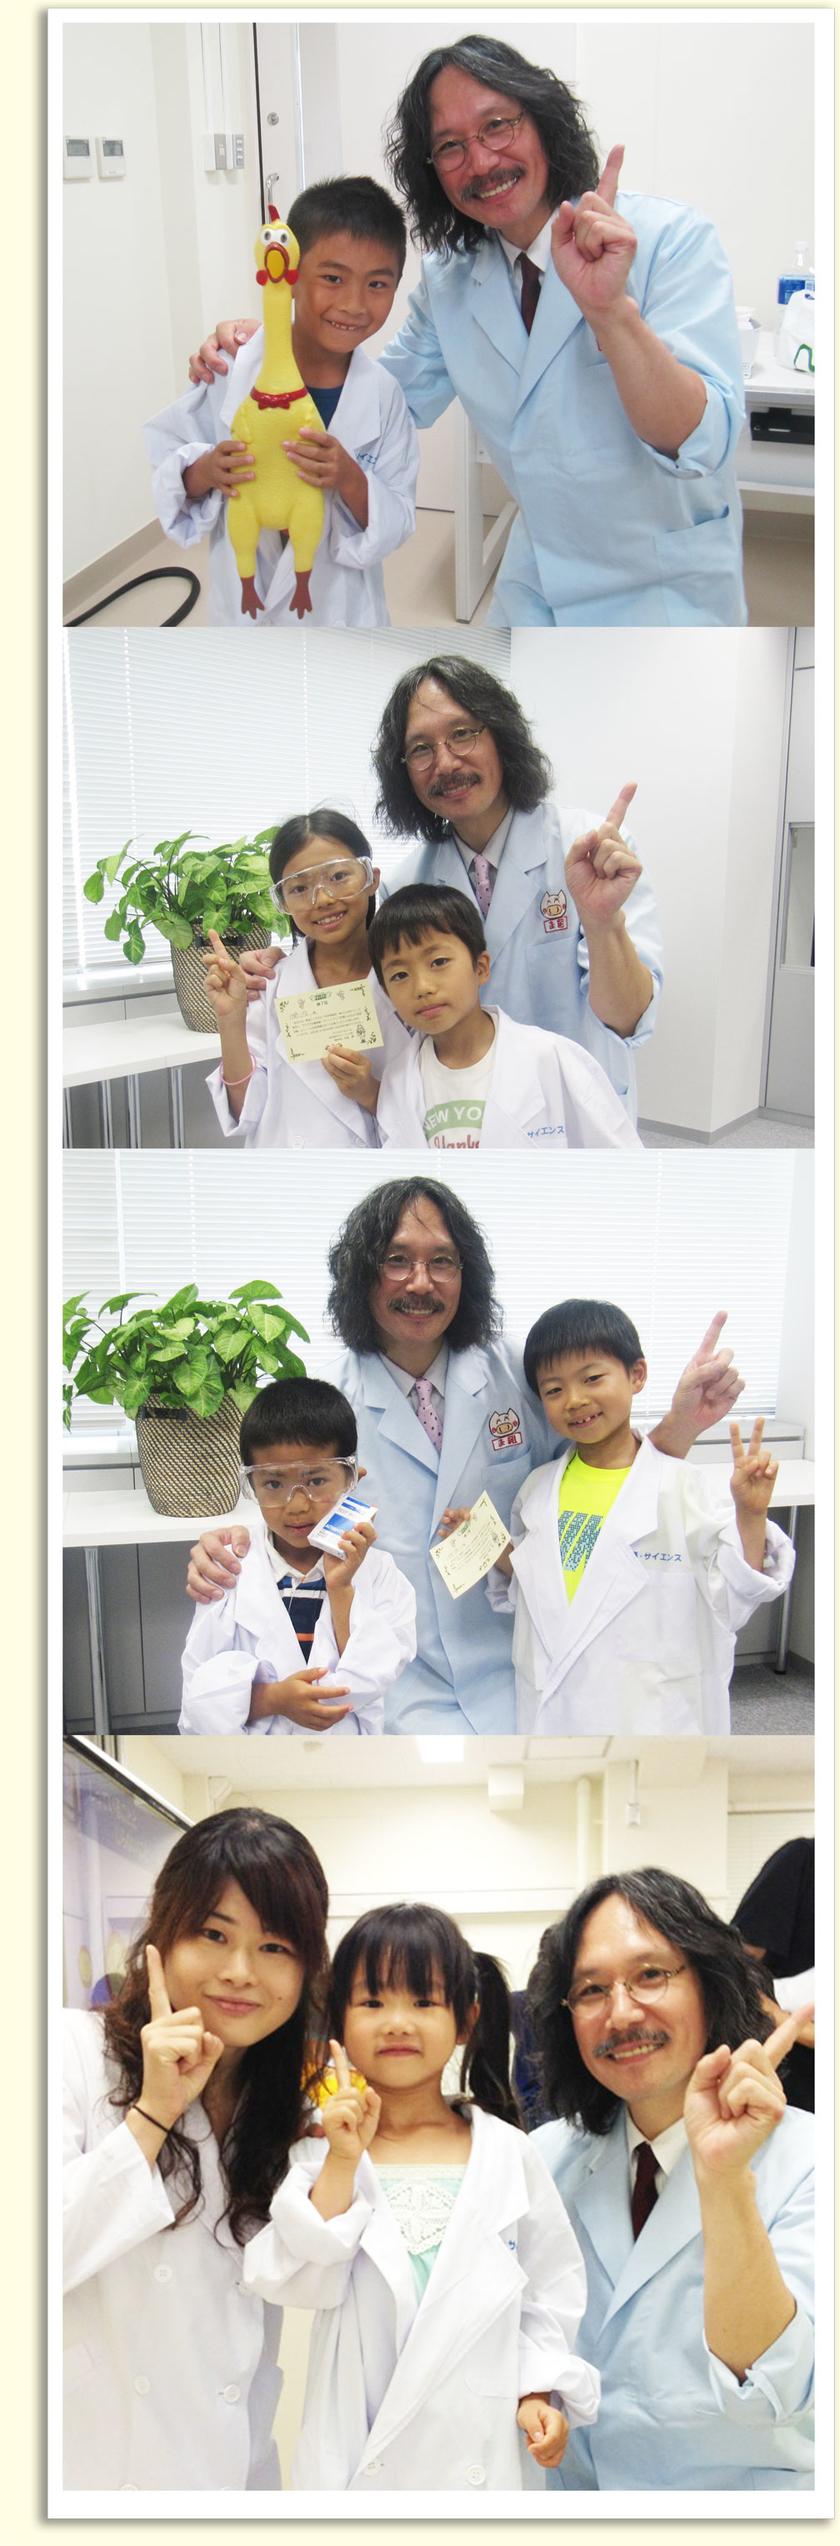 体験会後の一コマ。ピースではなく人差し指を一本立てるのが松延先生のポーズ!これから理科の実験や授業の時に、「松延先生とこんな楽しい実験をした!」と思い出してもらえたらとっても嬉しく思います!